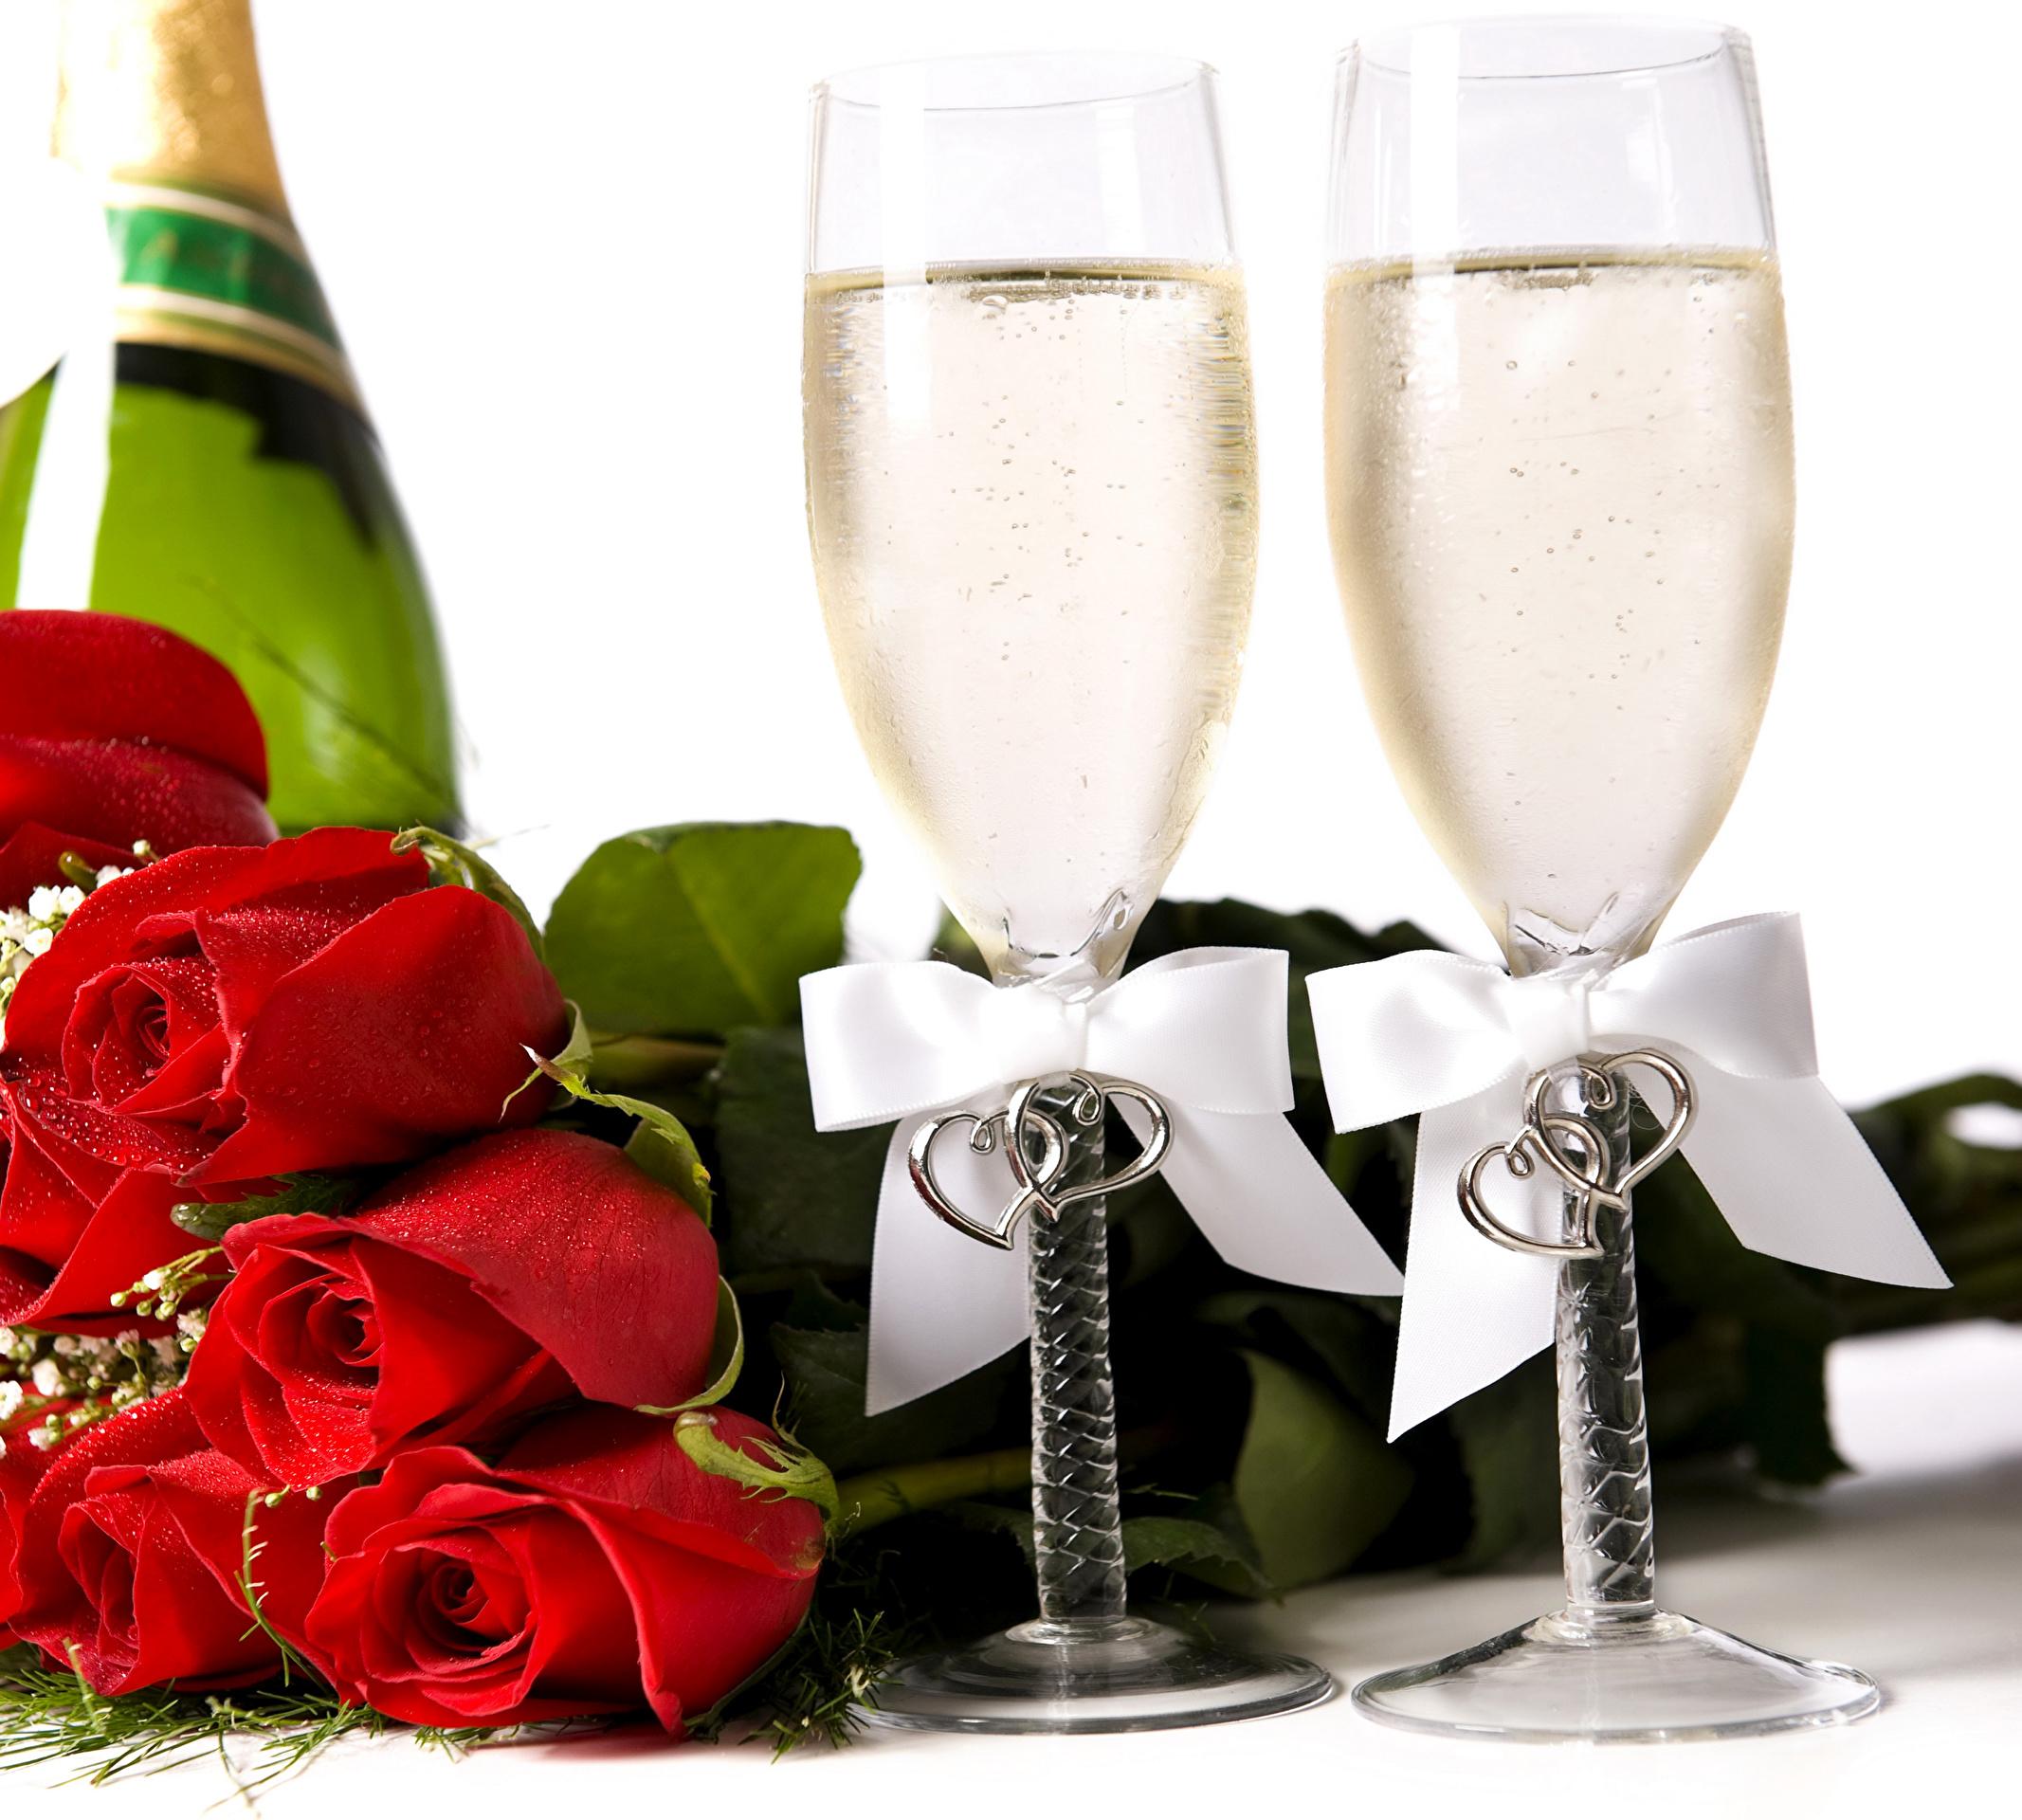 Поздравления с юбилеем свадьбы-15 лет